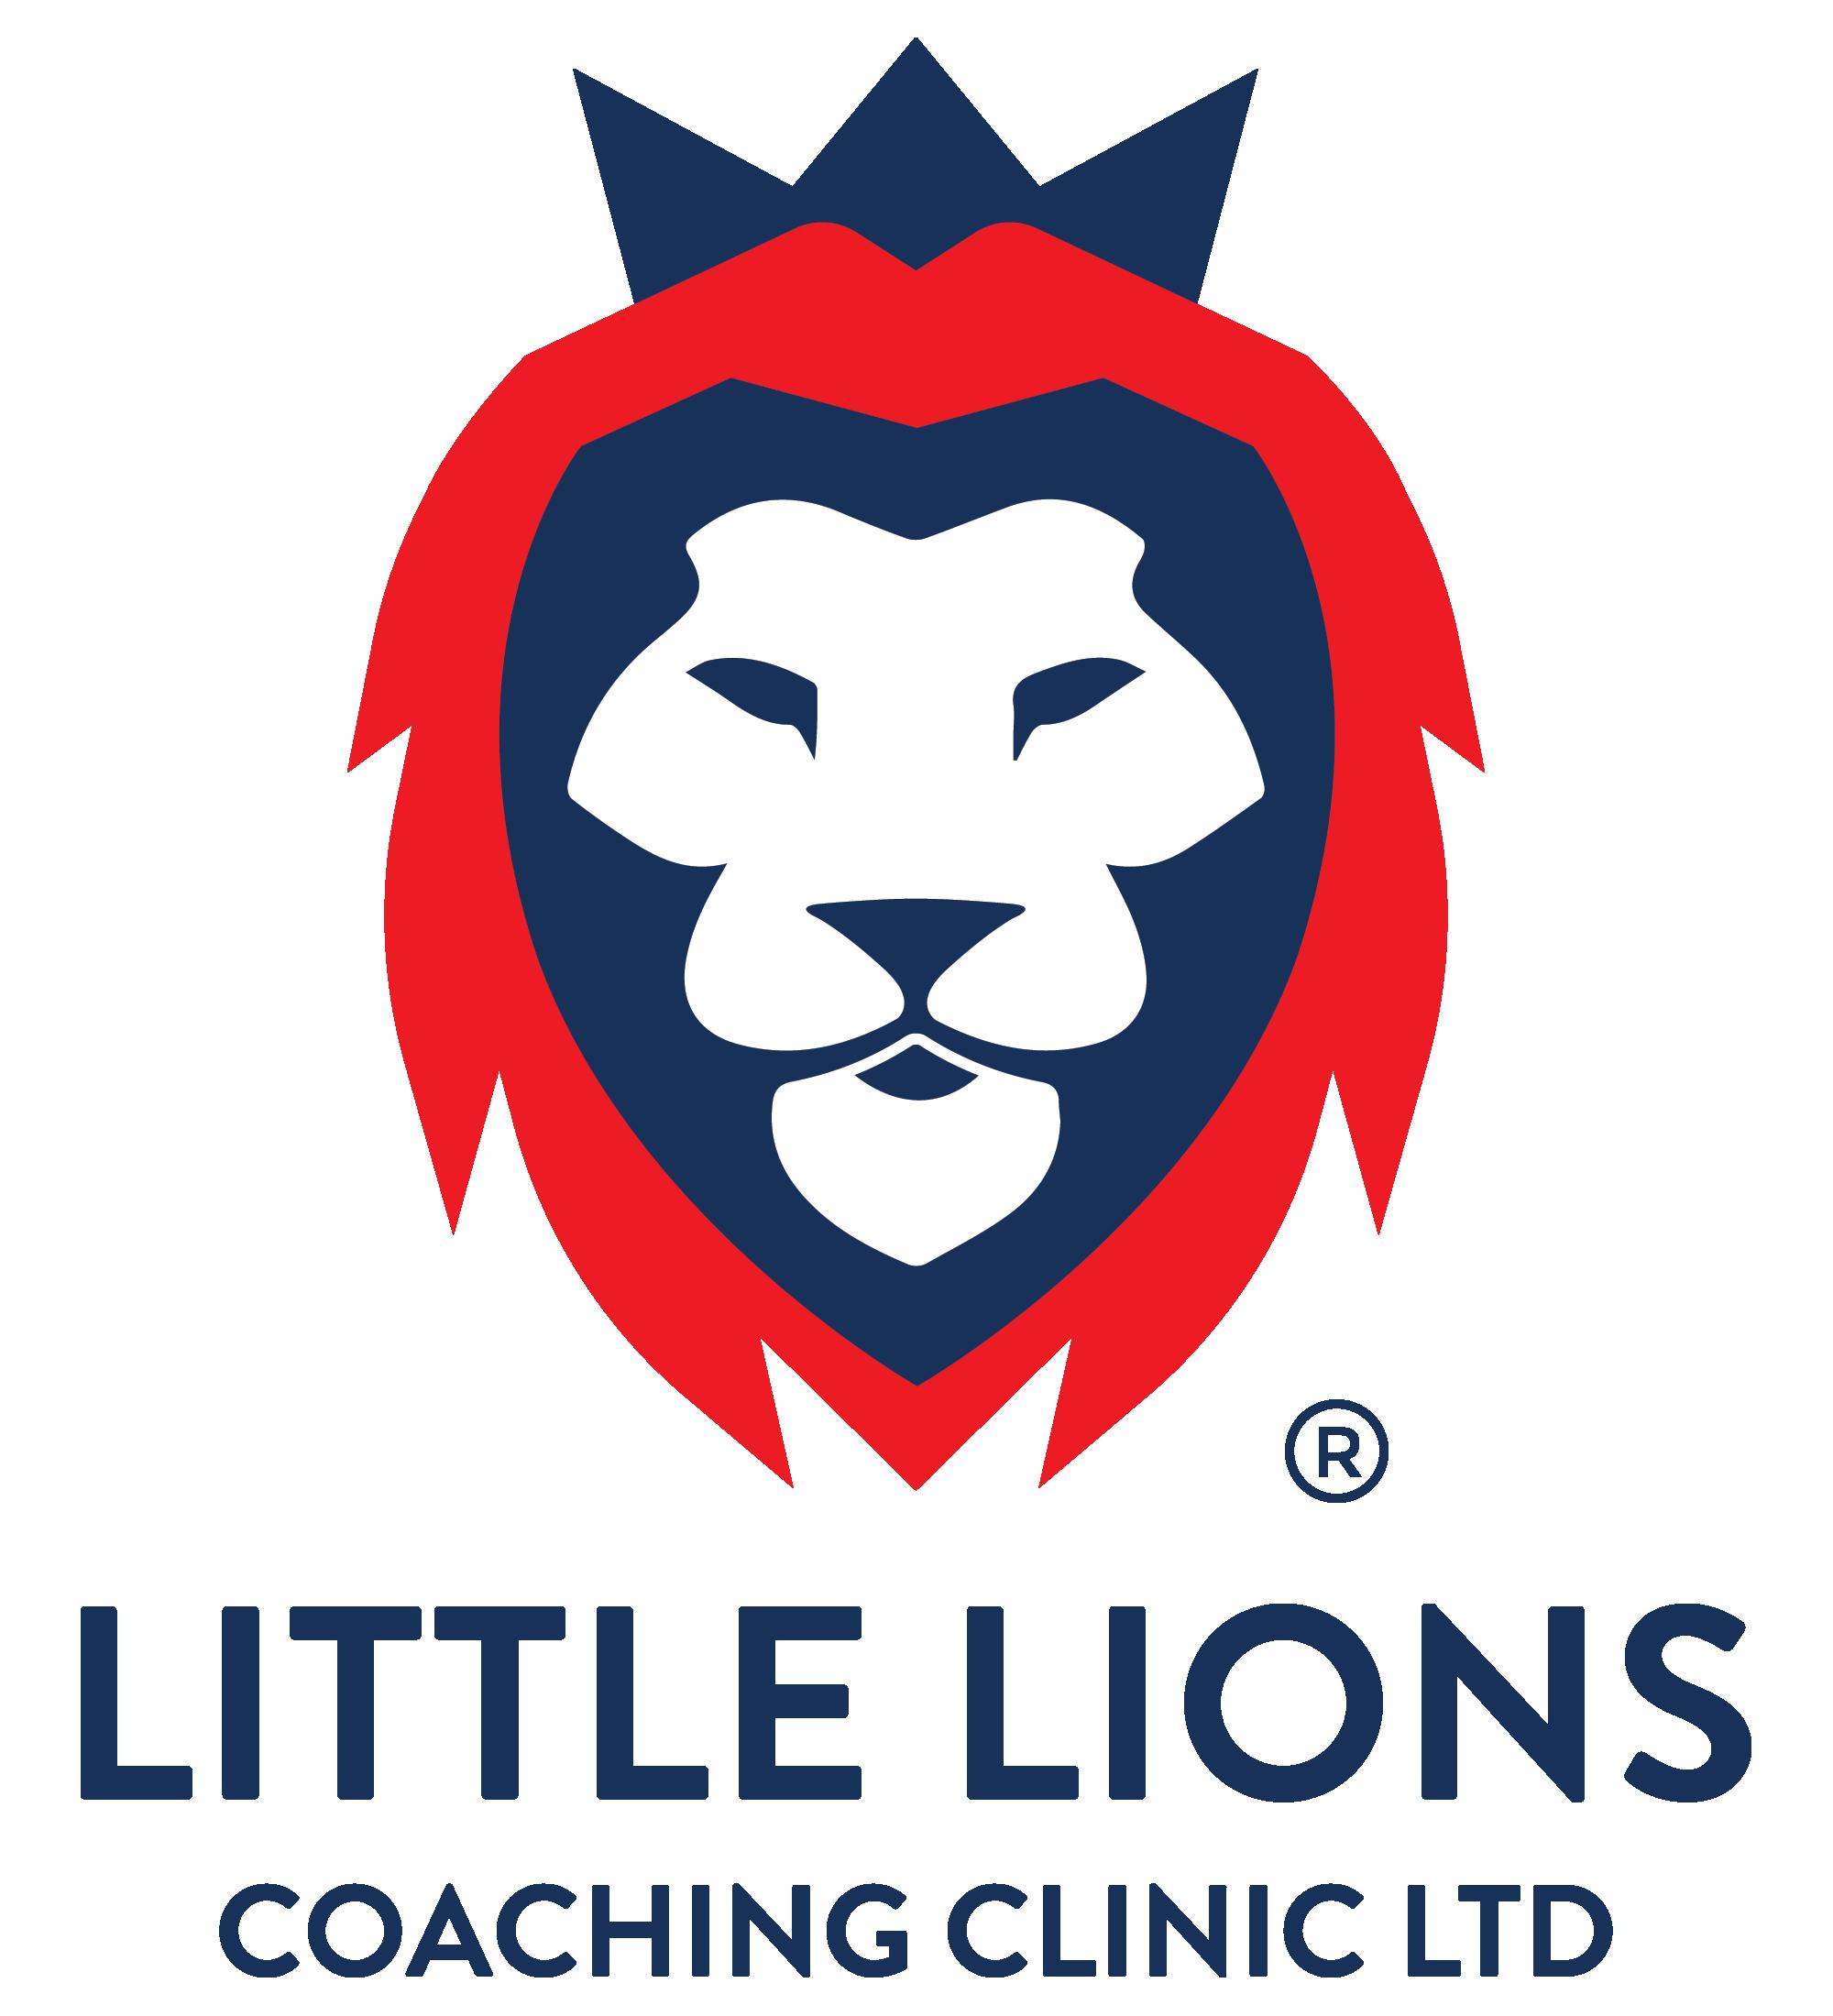 About Little Lions Coaching Clinic Ltd